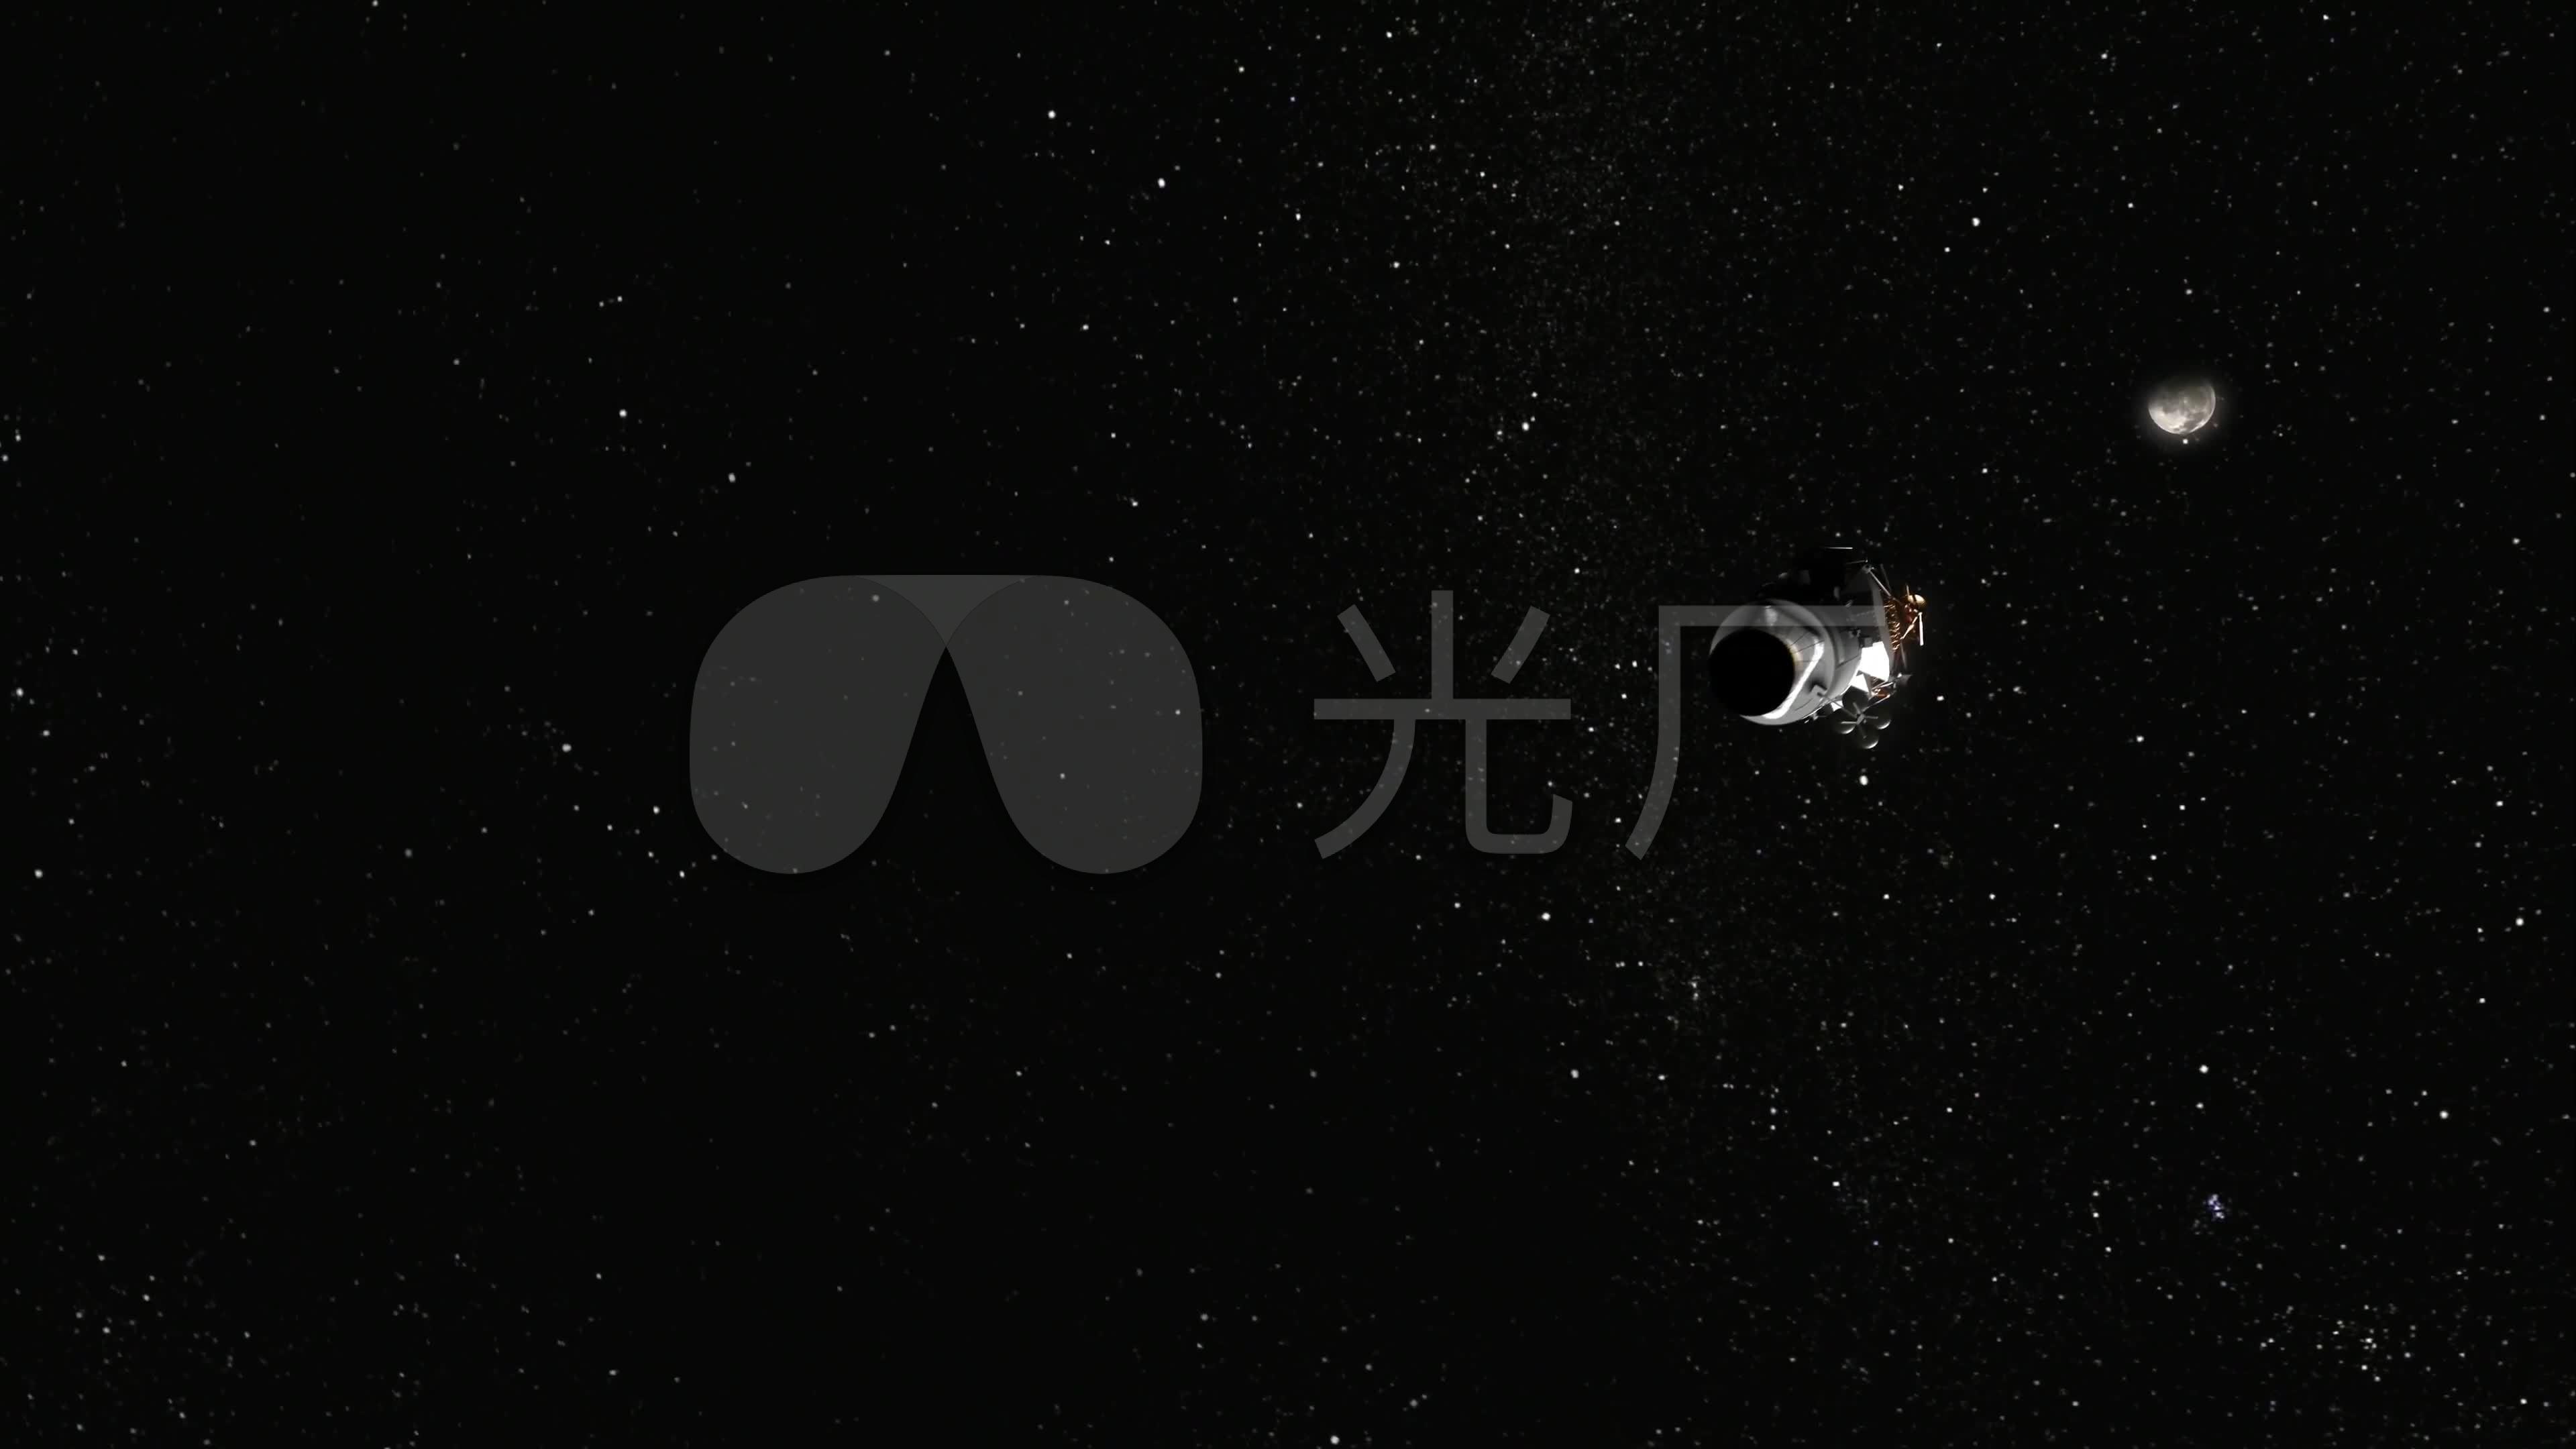 4k宇宙空间太空星球行星航天飞机火箭卫星_3840x2160